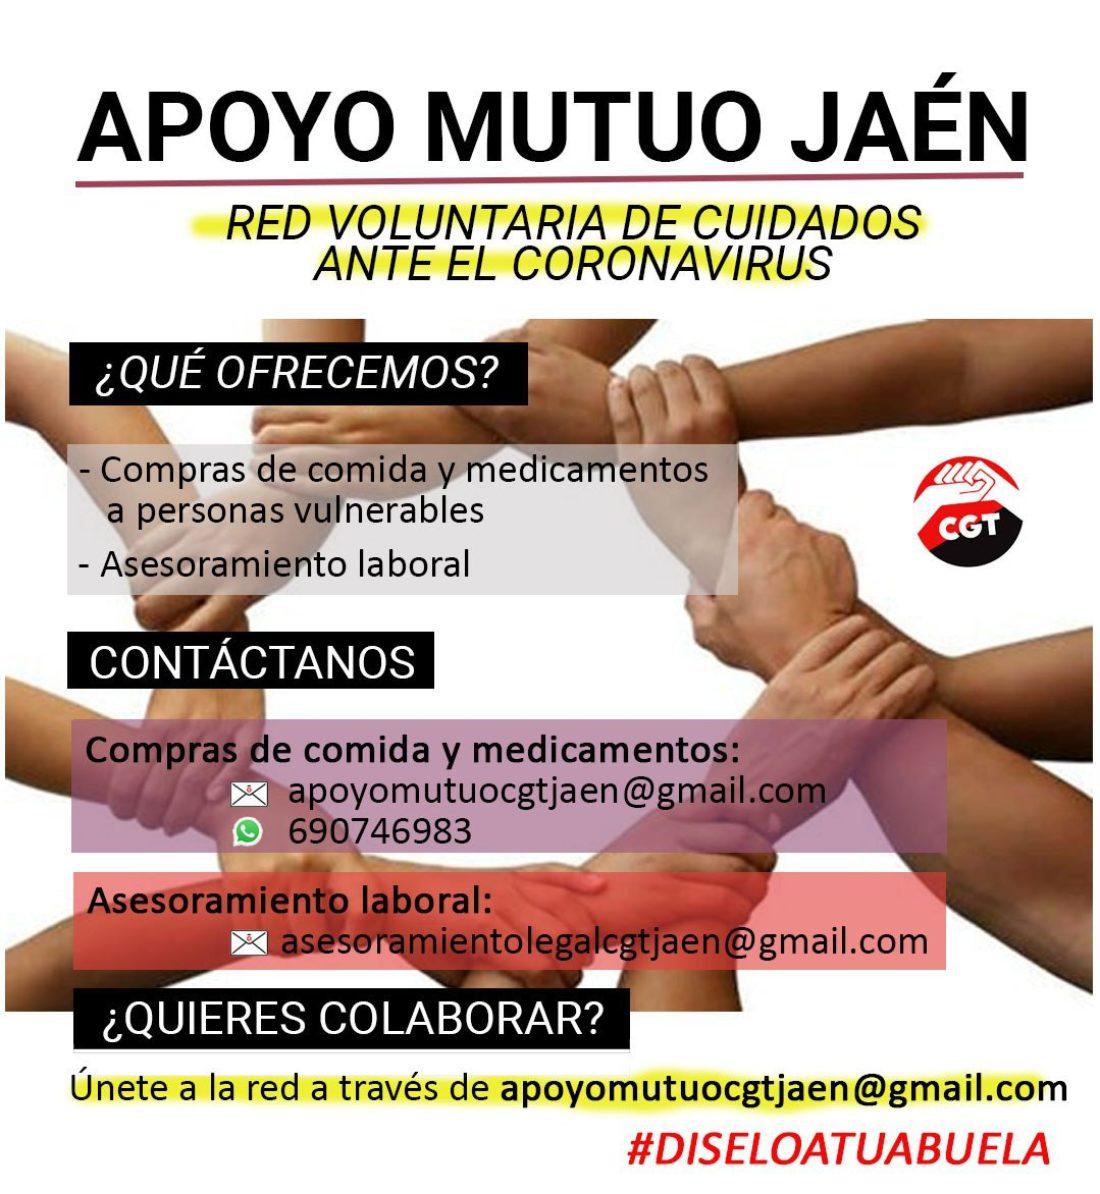 """CGT Jaén lanza la red voluntaria de cuidados ante la crisis causada por el coronavirus, """"Apoyo Mutuo Jaén"""""""